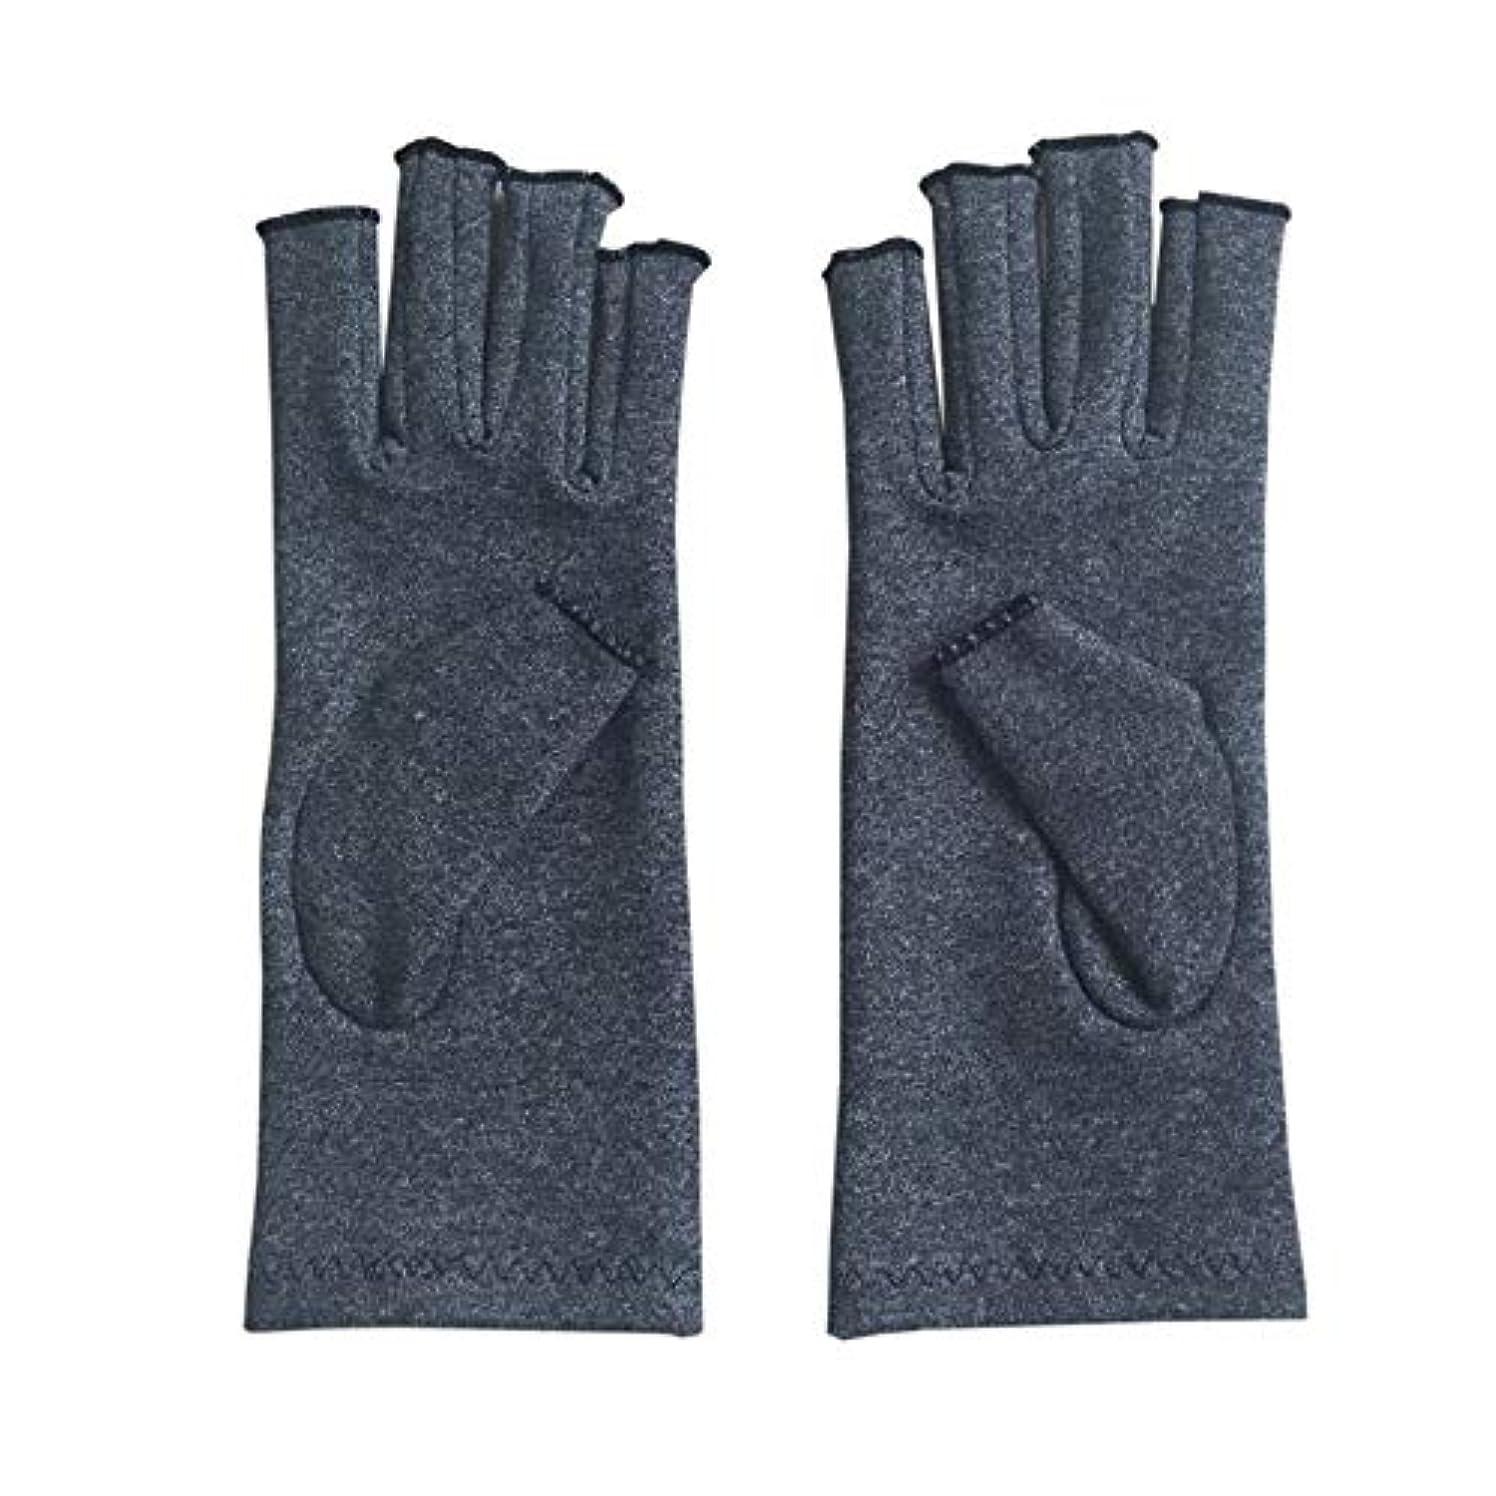 噛む適応的筋ペア/セット快適な男性女性療法圧縮手袋無地通気性関節炎関節痛緩和手袋 - グレーM